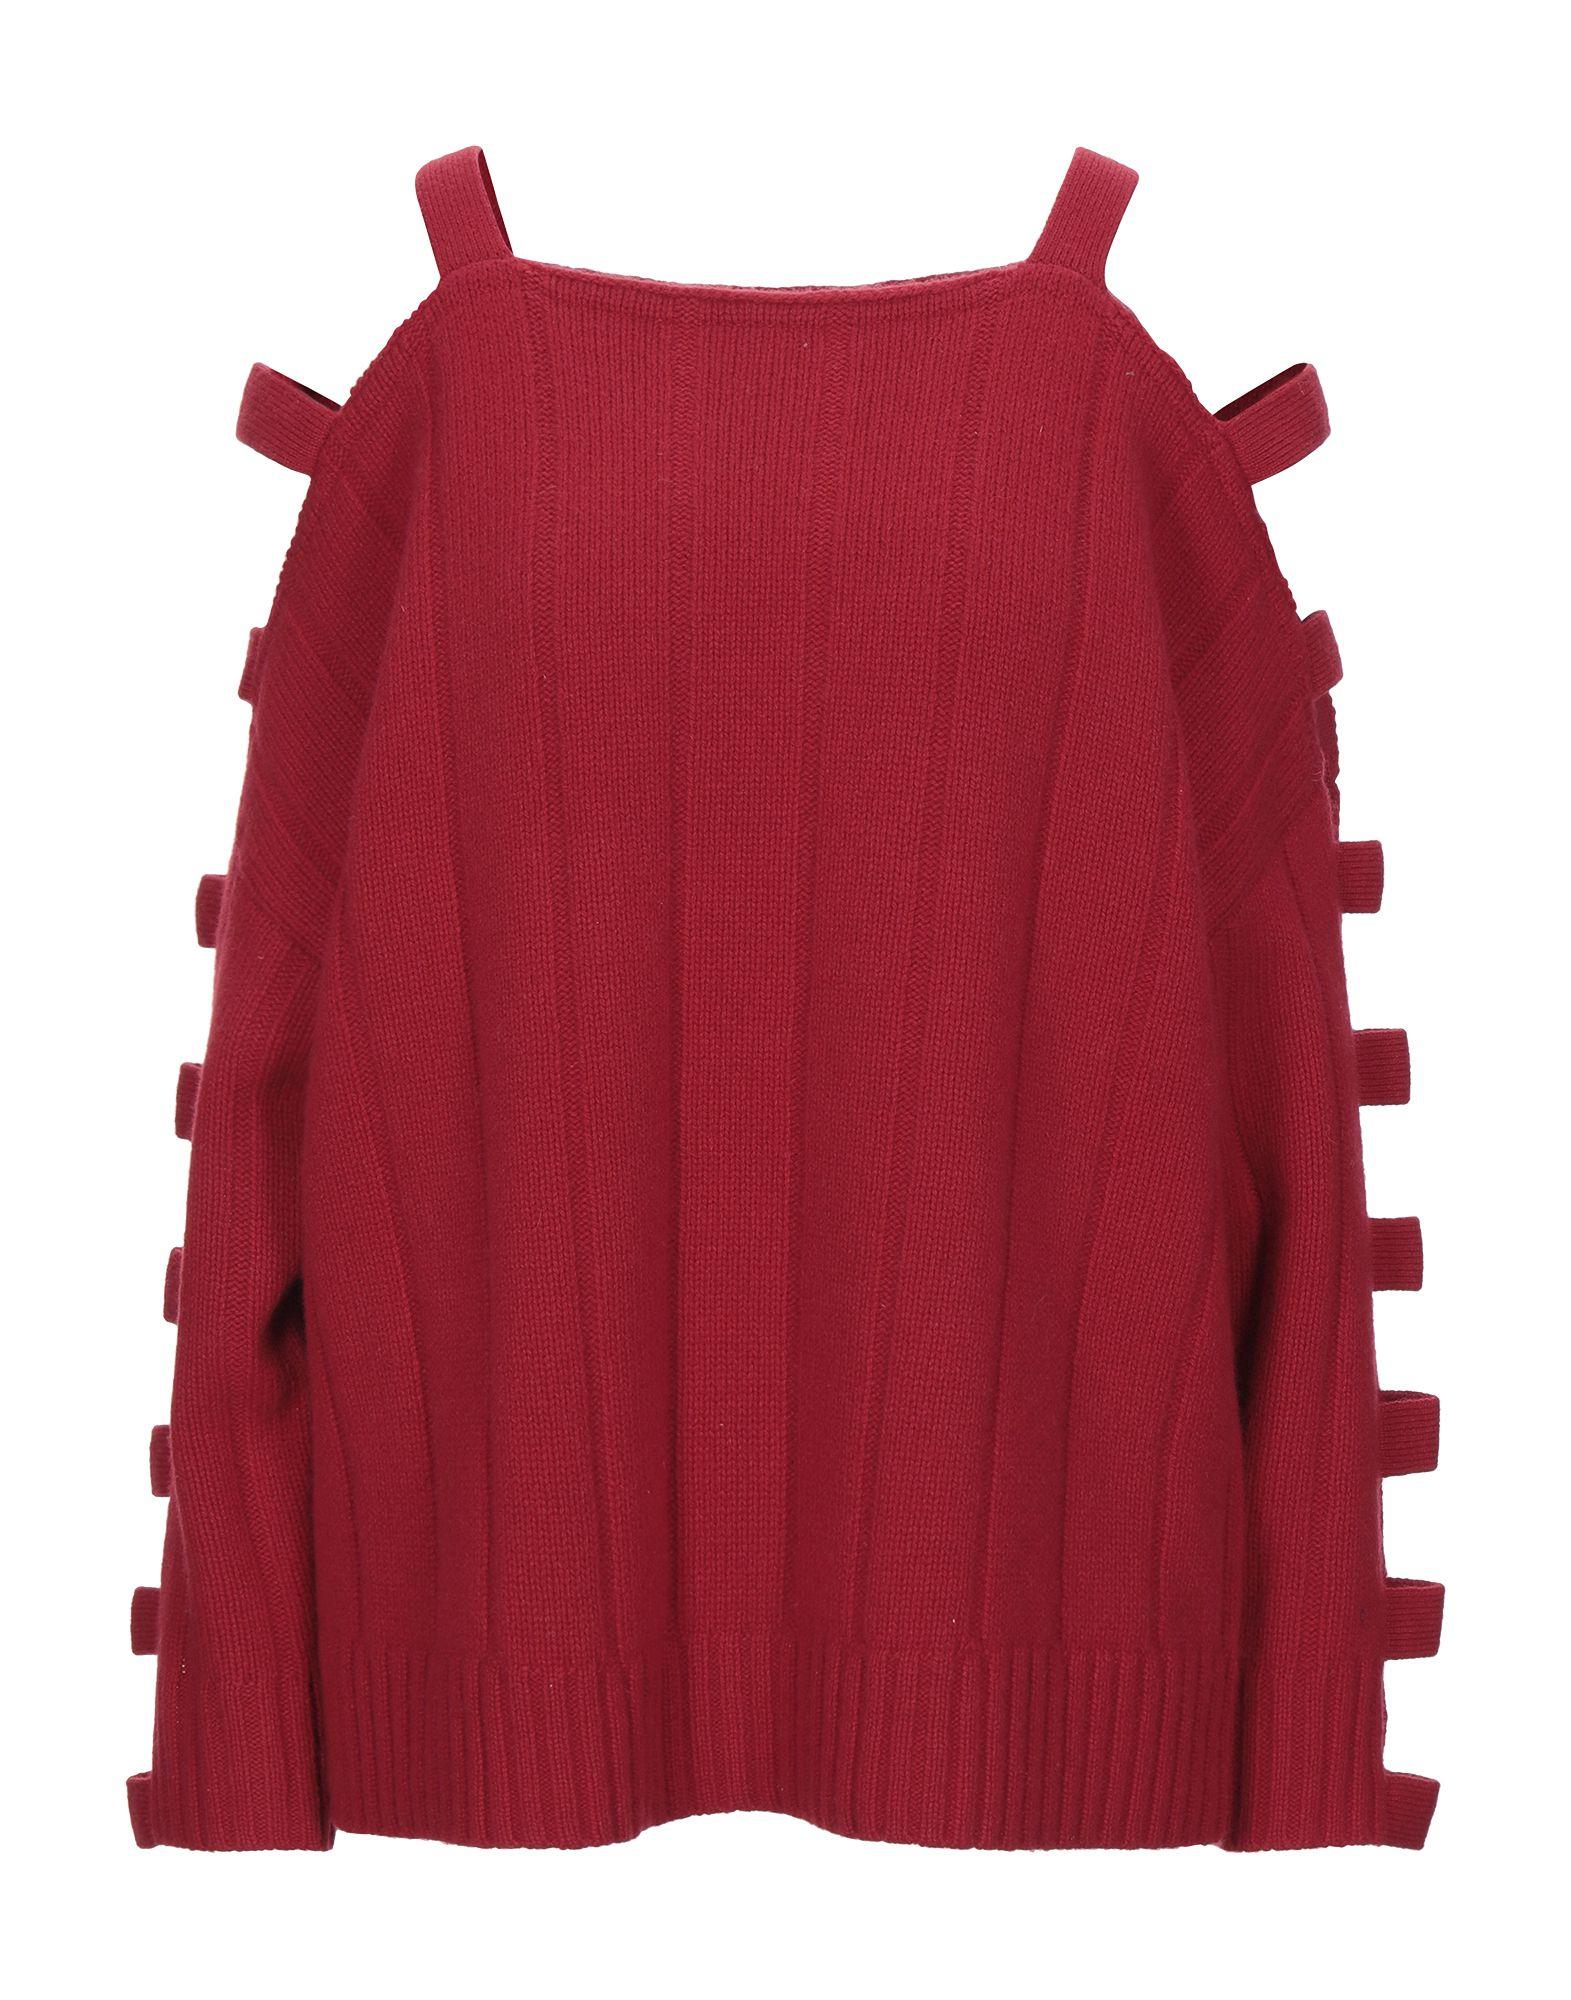 McQ Alexander McQueen Sweaters - Item 14041563